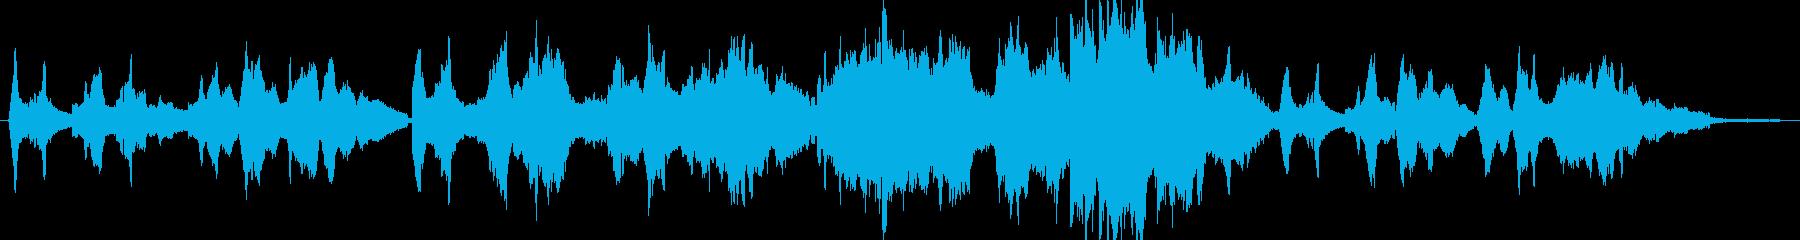 ソロバイオリンメロディーの美しいピ...の再生済みの波形